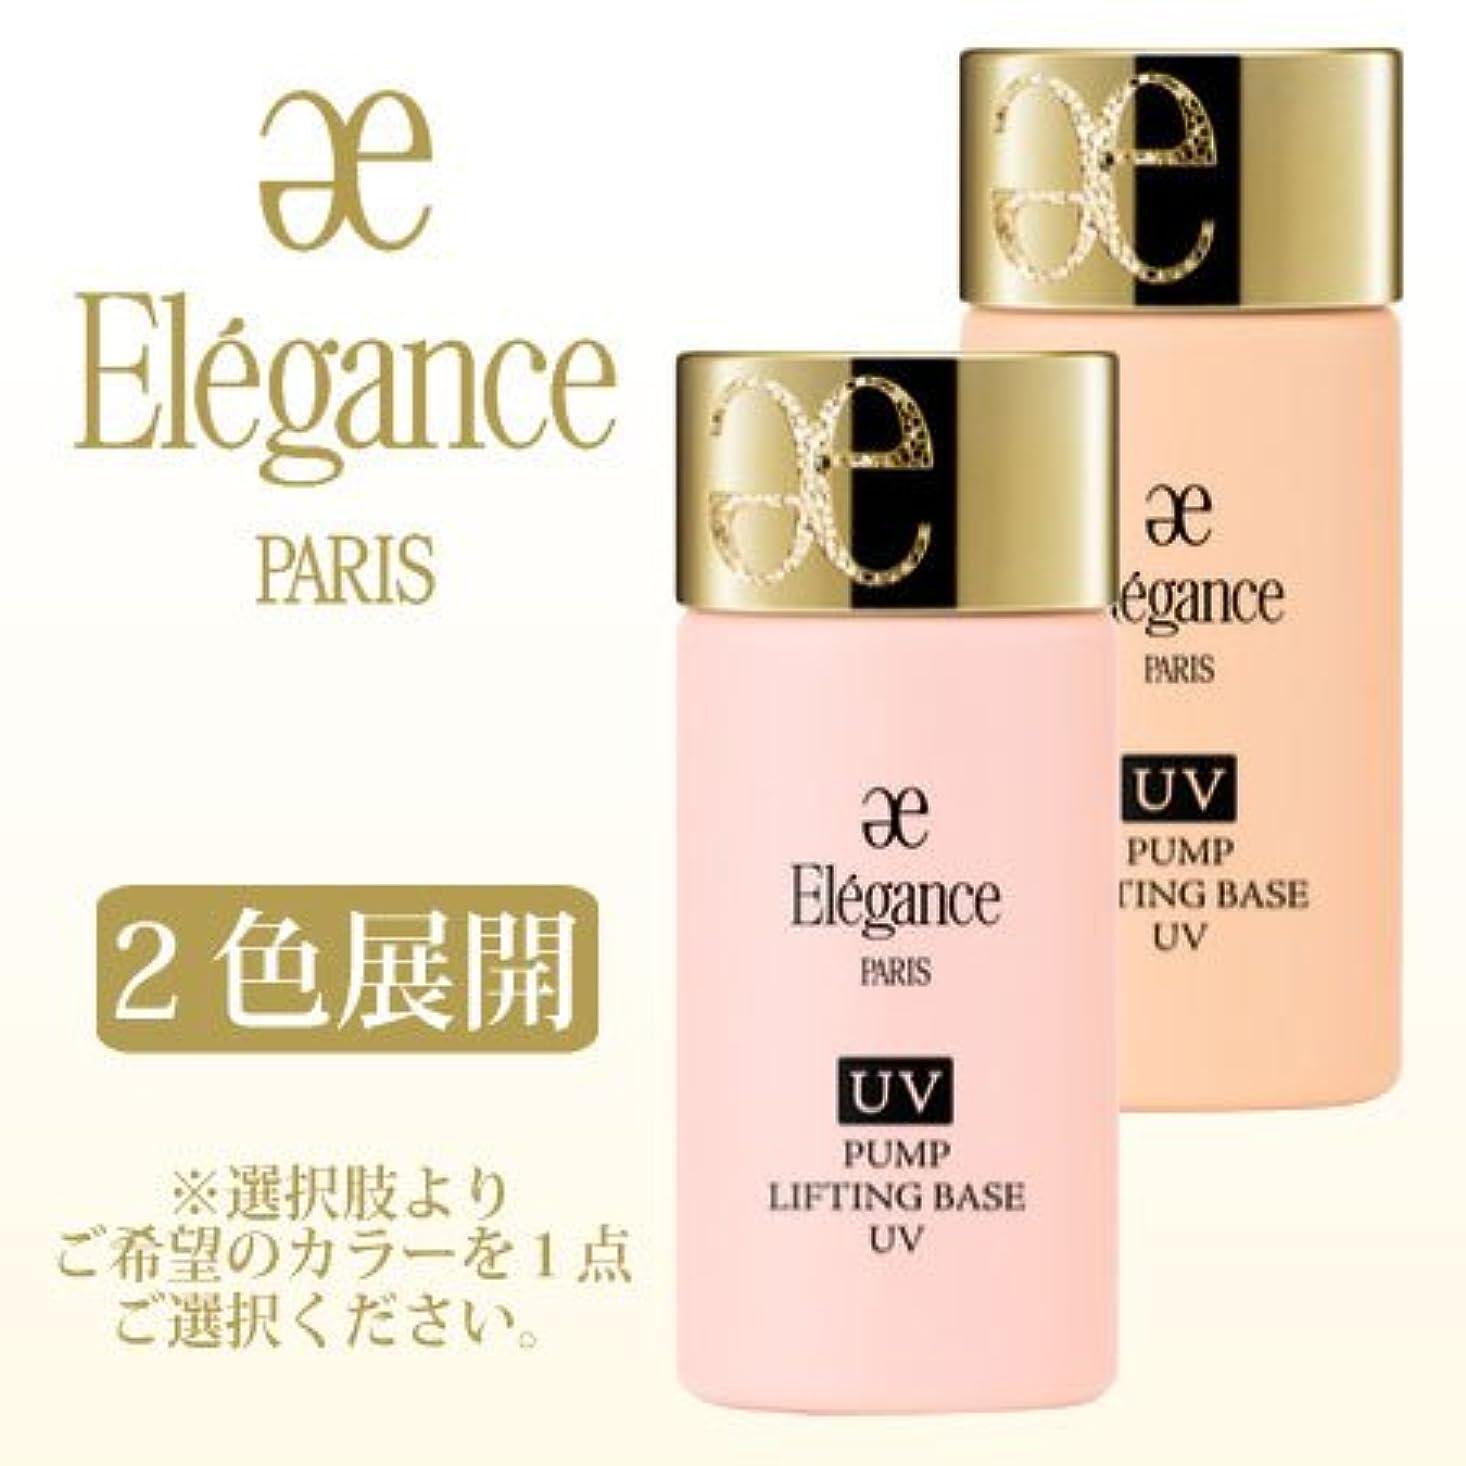 組み合わせ買う純粋なエレガンス パンプリフティング ベース UV 30ml 全2色展開 -ELEGANCE- BE991